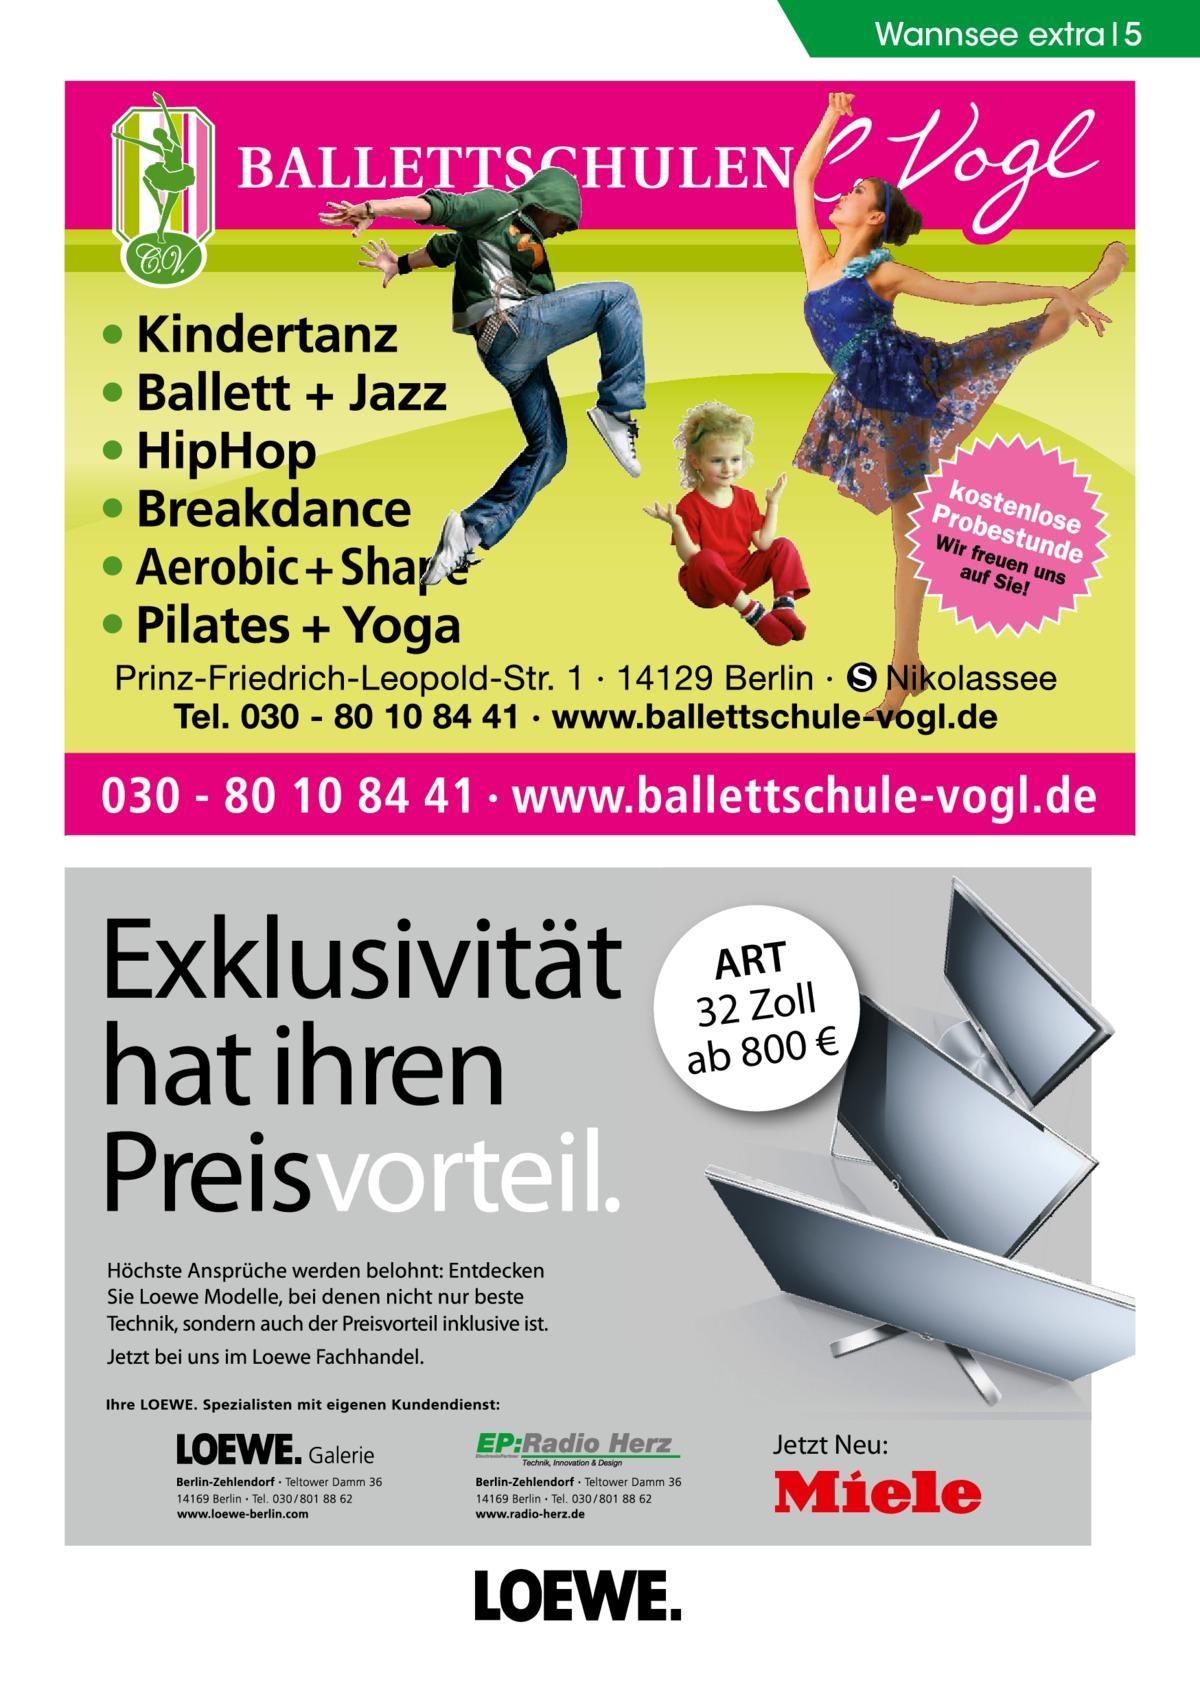 Wannsee extra 5  ART 32 Zoll ab 800 €  Jetzt Neu: